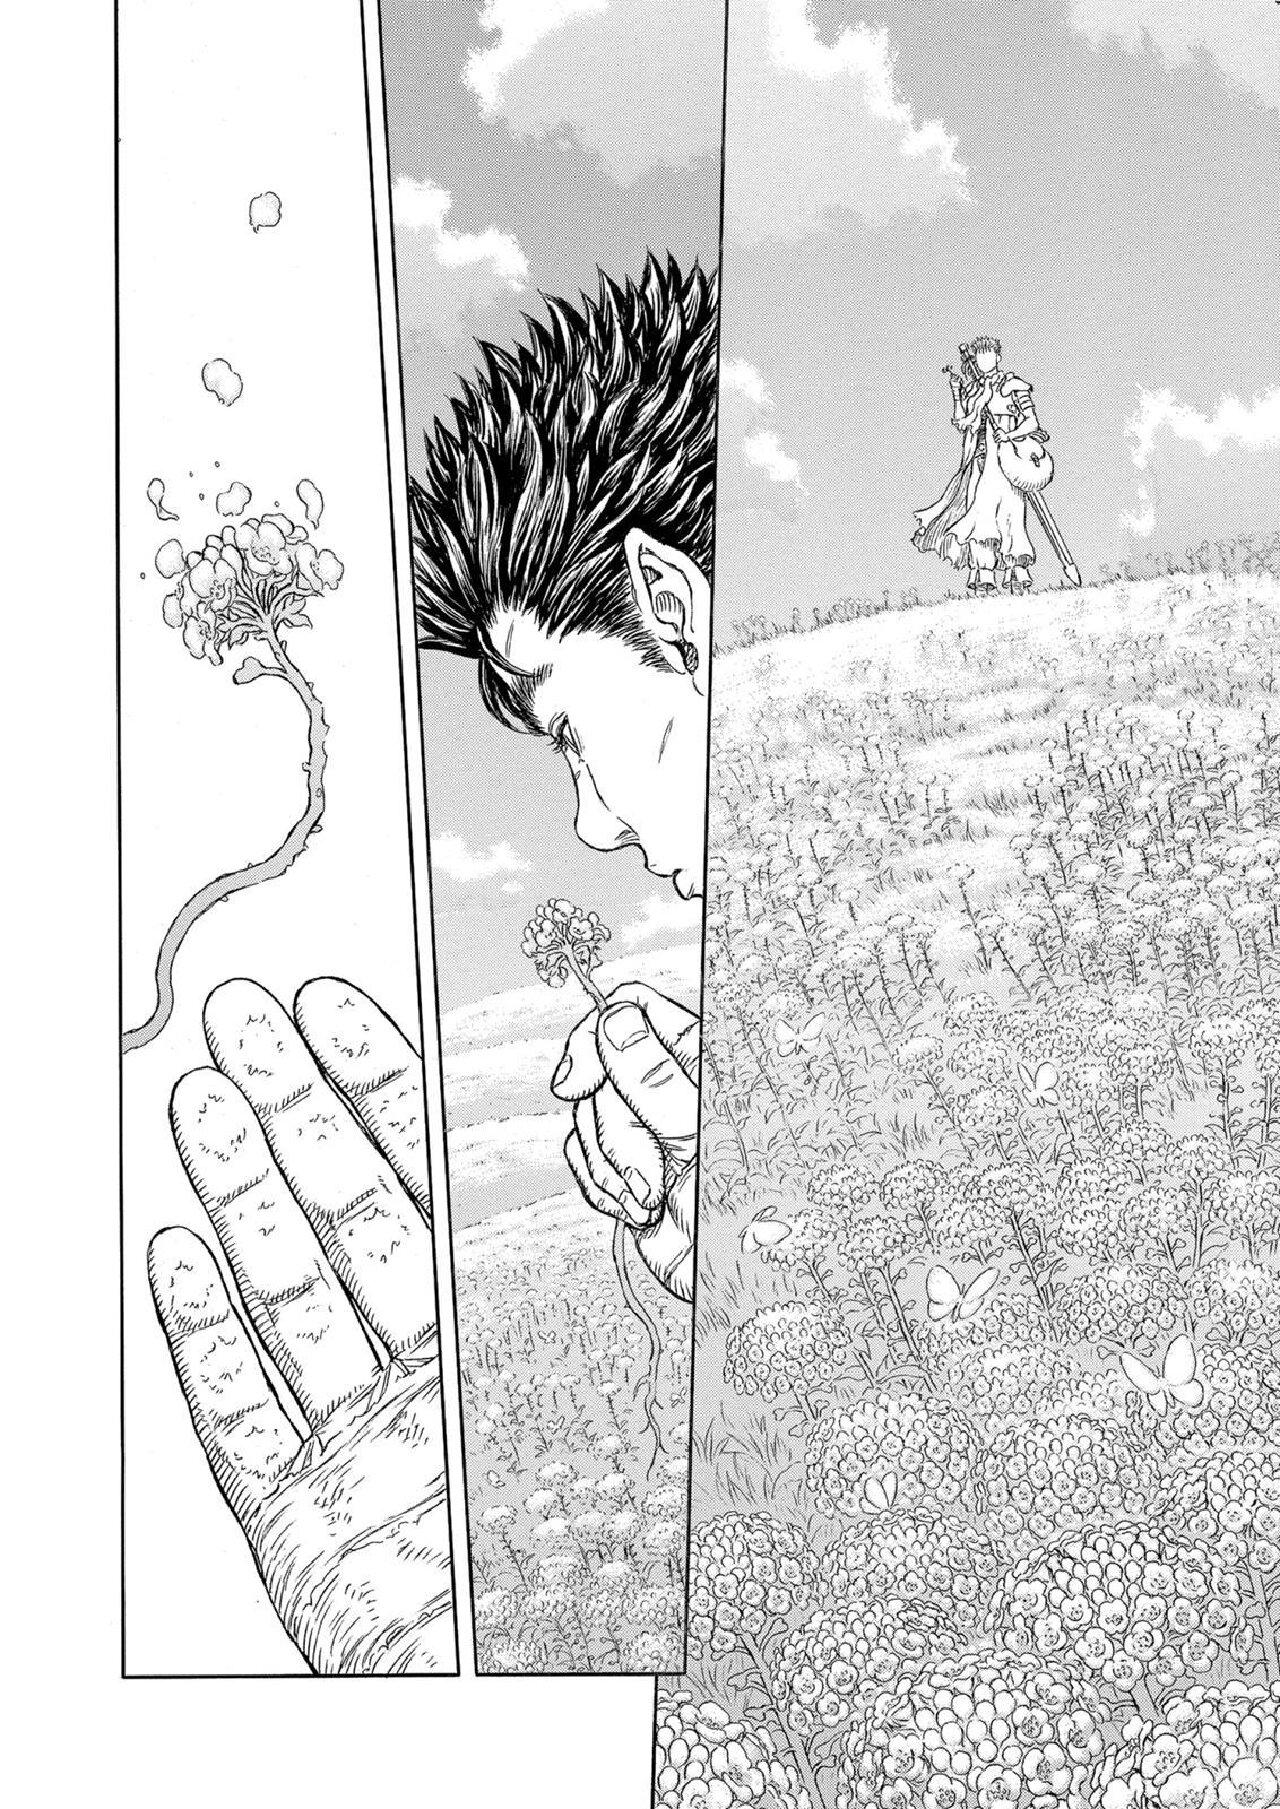 berserk kentaro miura manga muerte guts